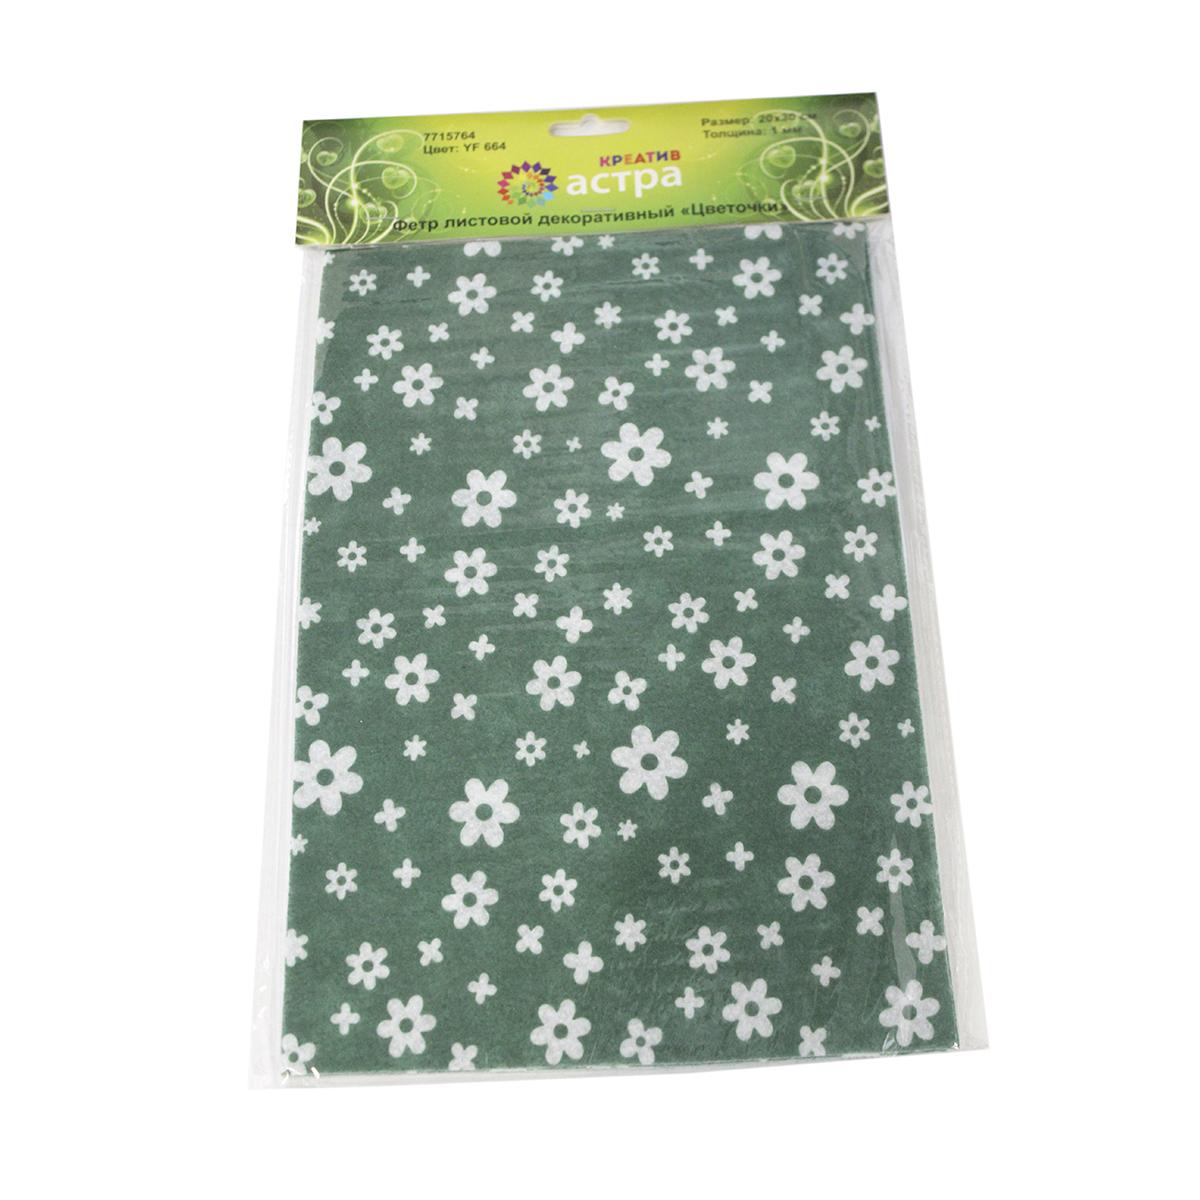 Фетр листовой декоративный Астра Цветочки, цвет: зеленый, 20 х 30 см, 5 шт7715764_YF 664 зеленый